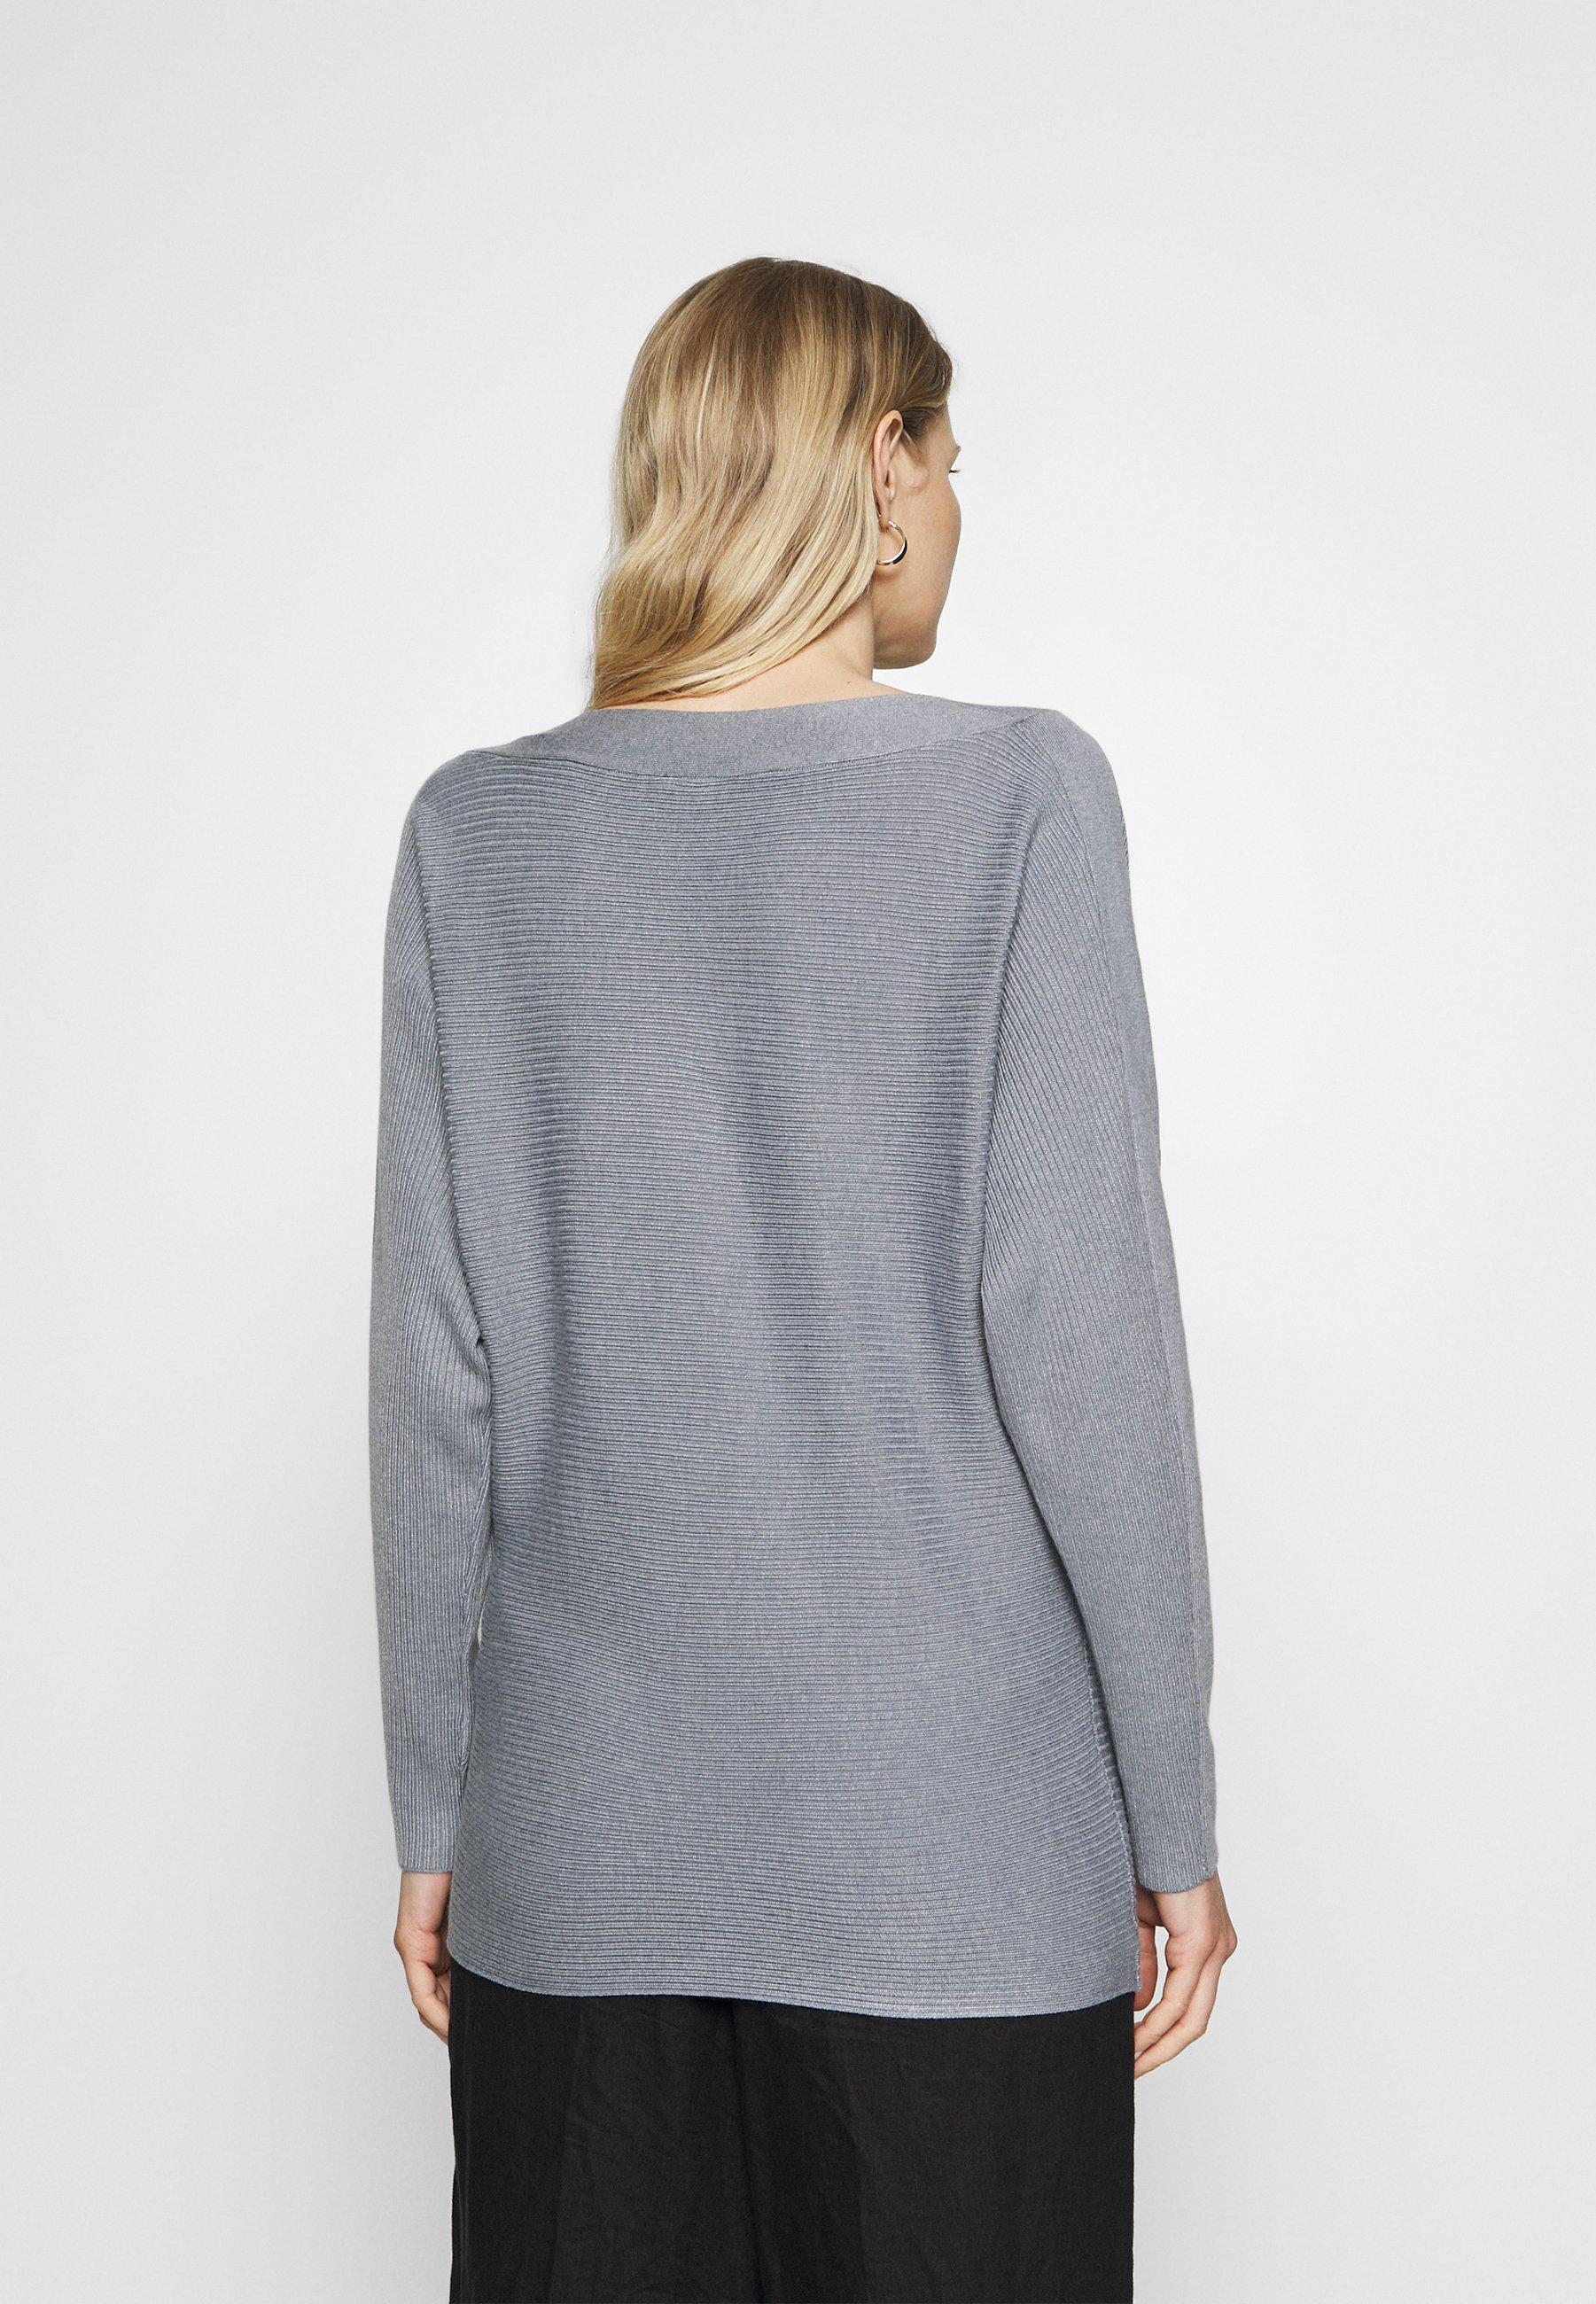 Soyaconcept SC-DOLLIE 663 - Pullover - dusty blue melange - Pulls & Gilets Femme 3kRYQ